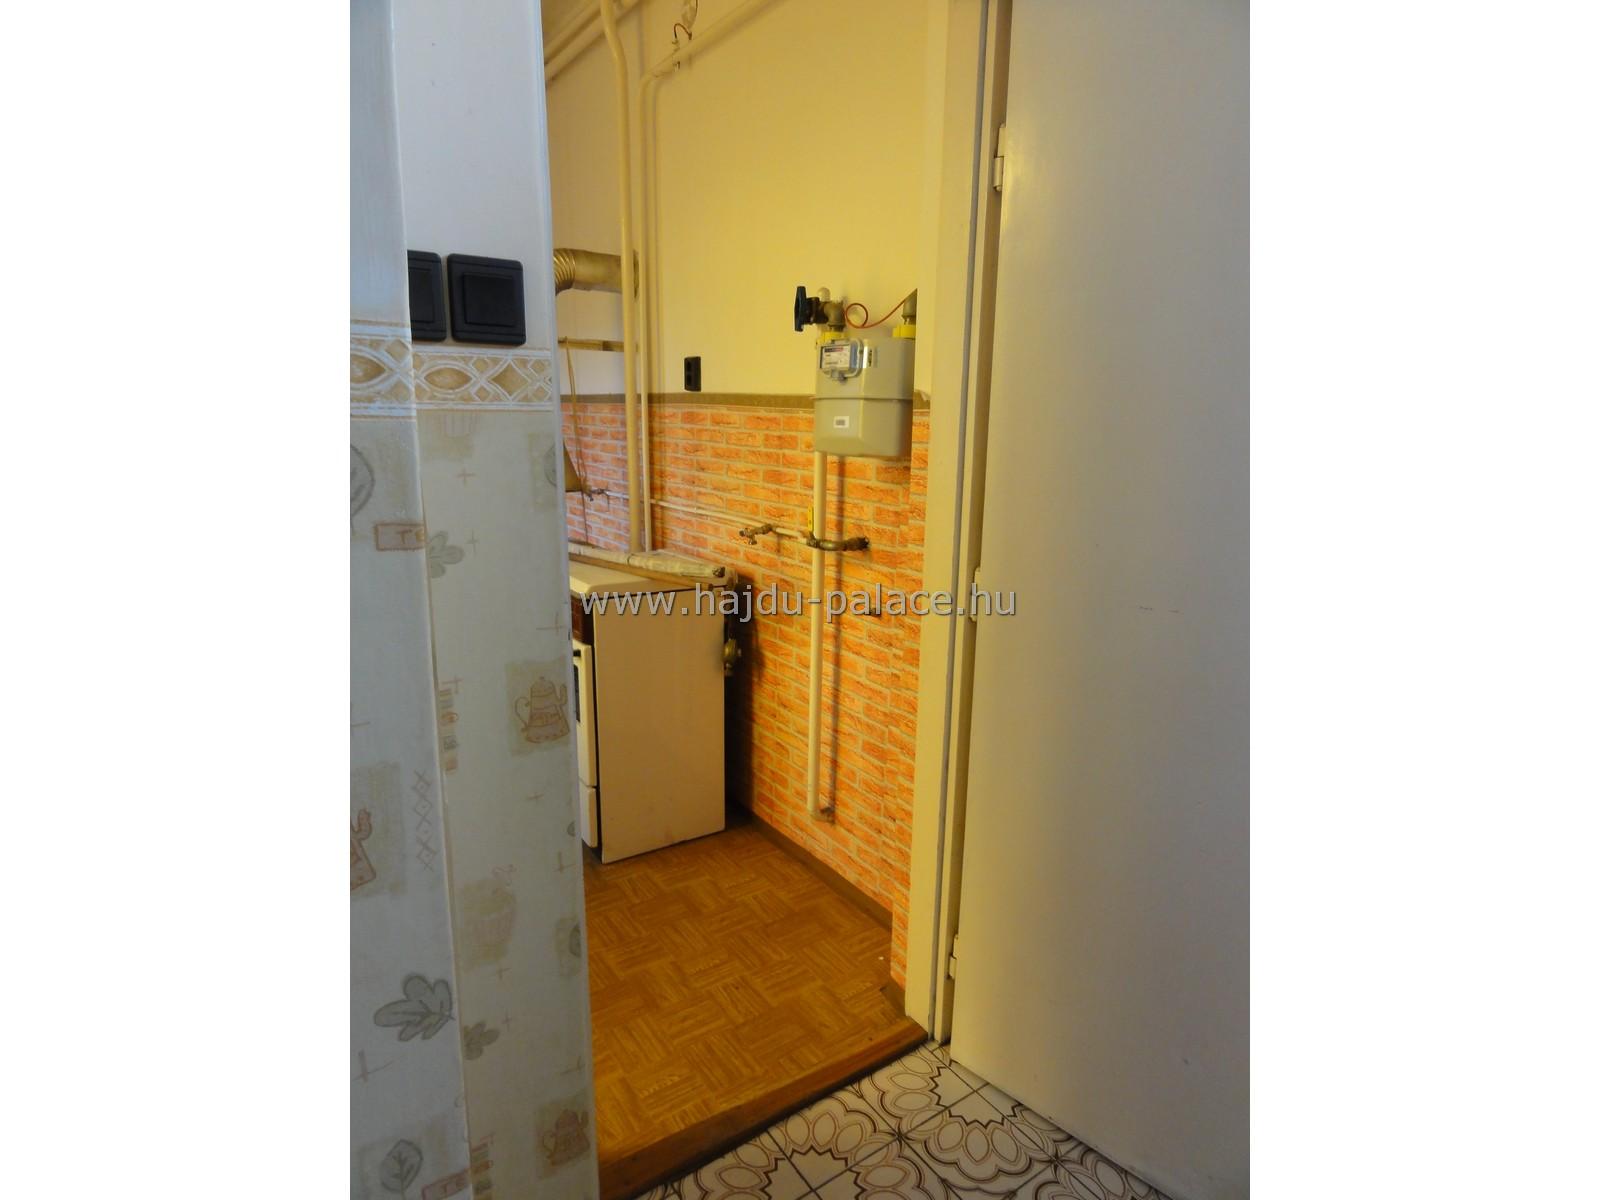 Nádudvaron jó állapotú földszintes, duplakomfortos családi ház eladó, nagy gyümölcsfás telekkel